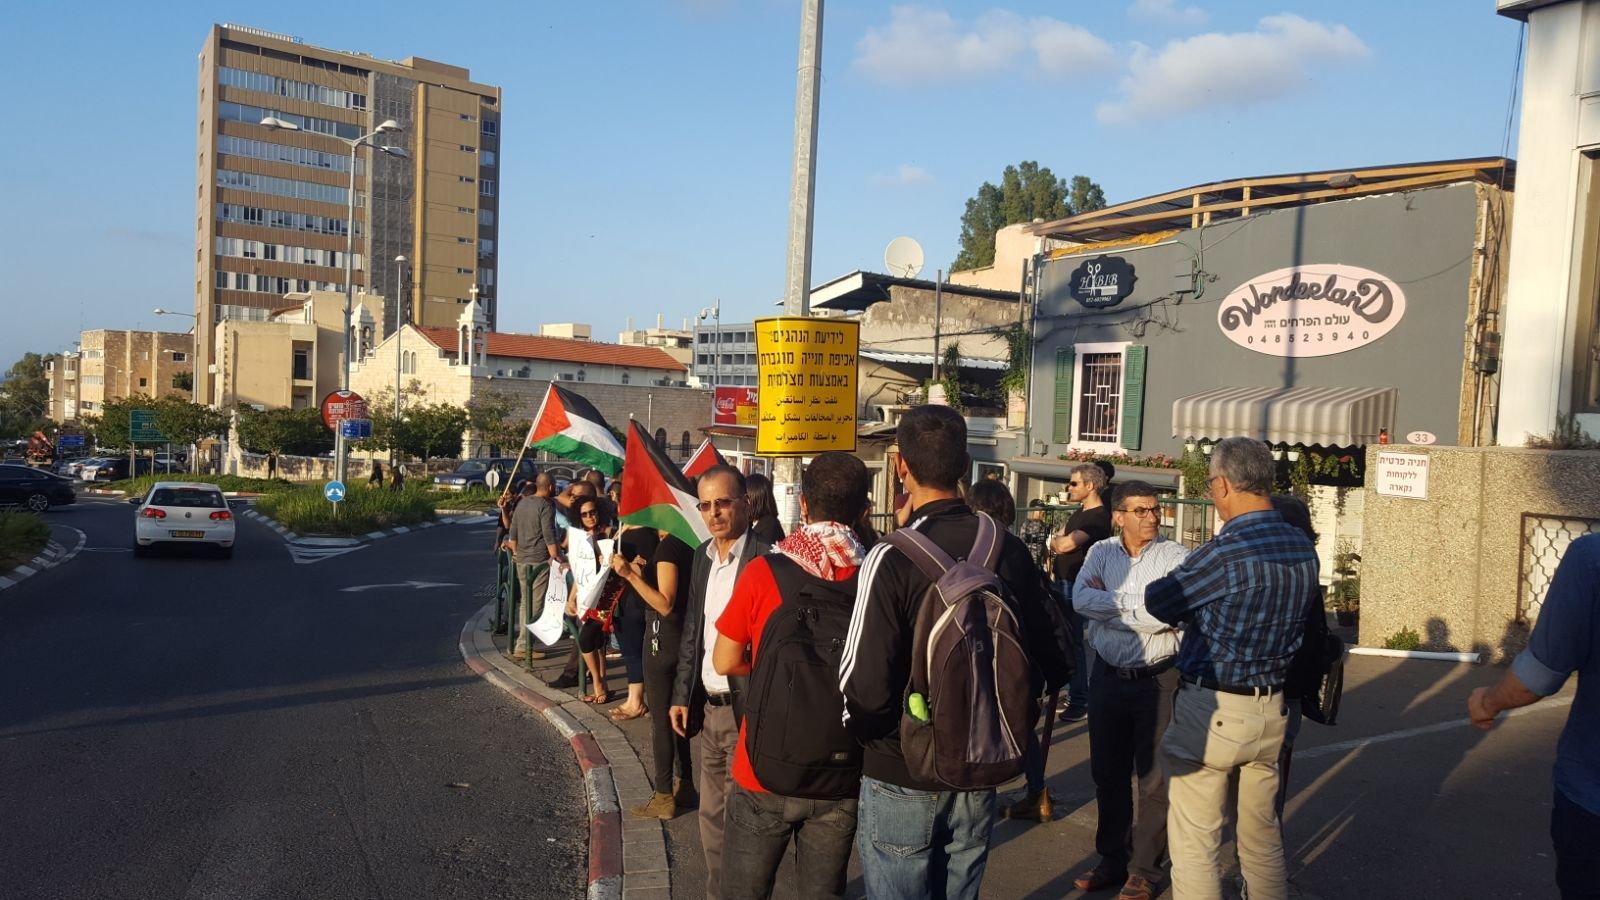 حيفا: تظاهرة داعمة لغزّة ونشطاء من اليمين يتظاهرون دعماً للجيش!